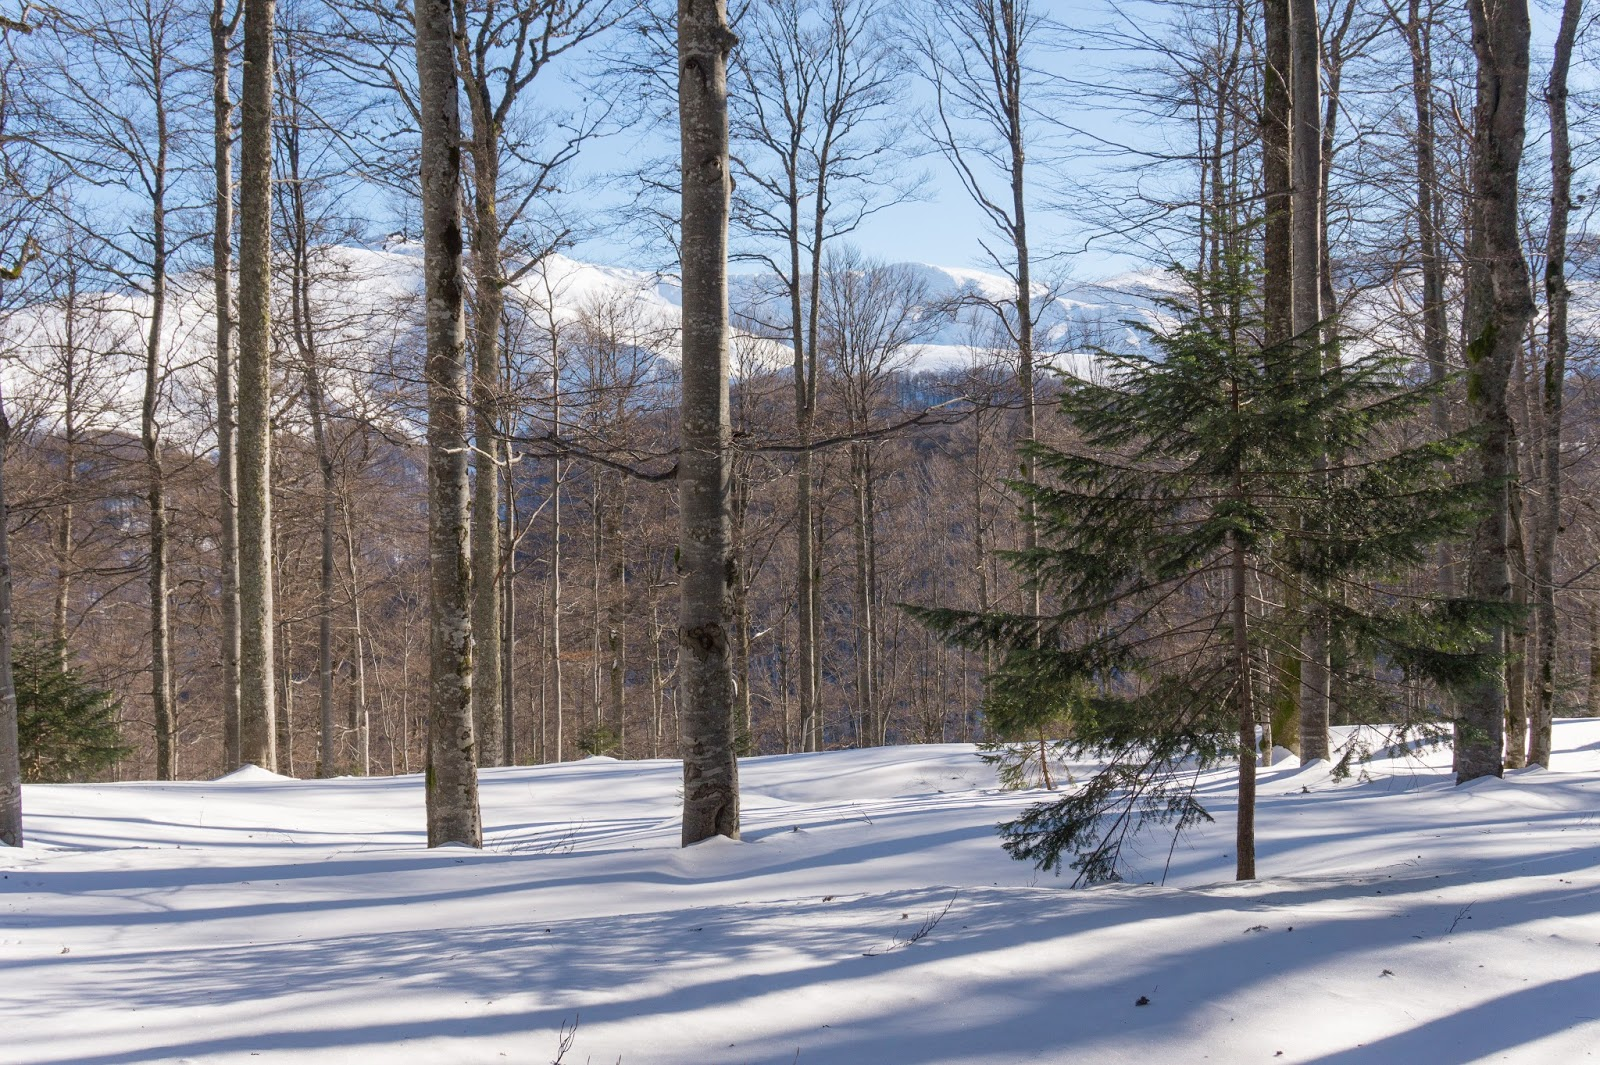 Dincolo de pădure se zărește creasta - Alina Cirja